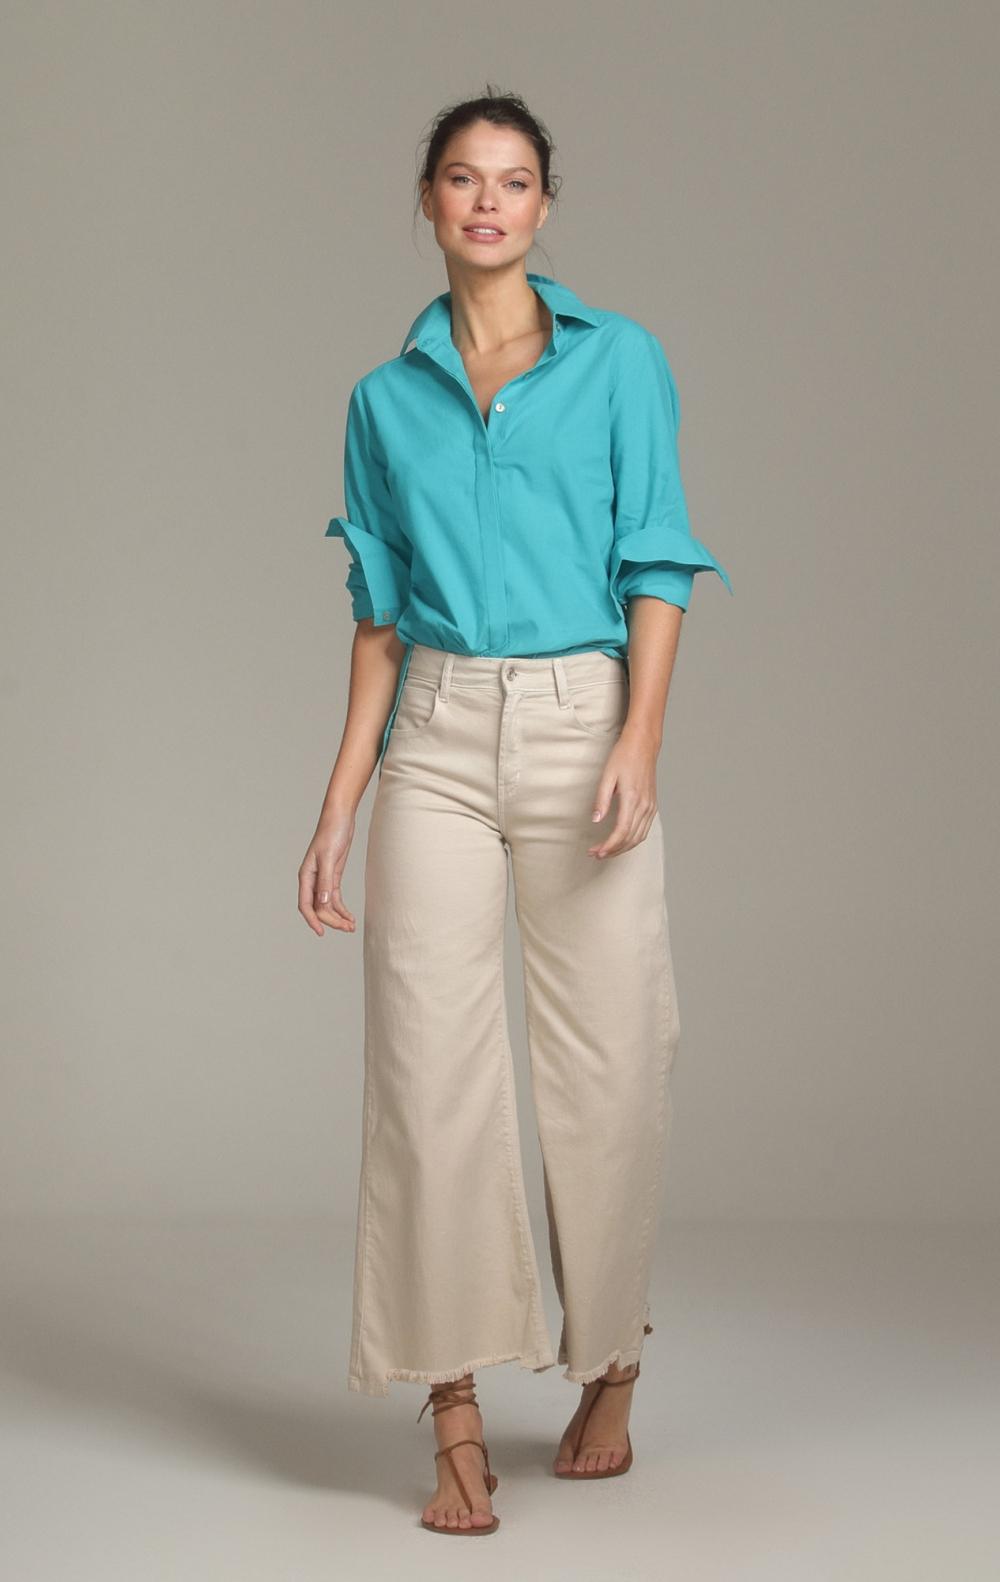 Camisa Margaret Longa Turquesa - Foto 1